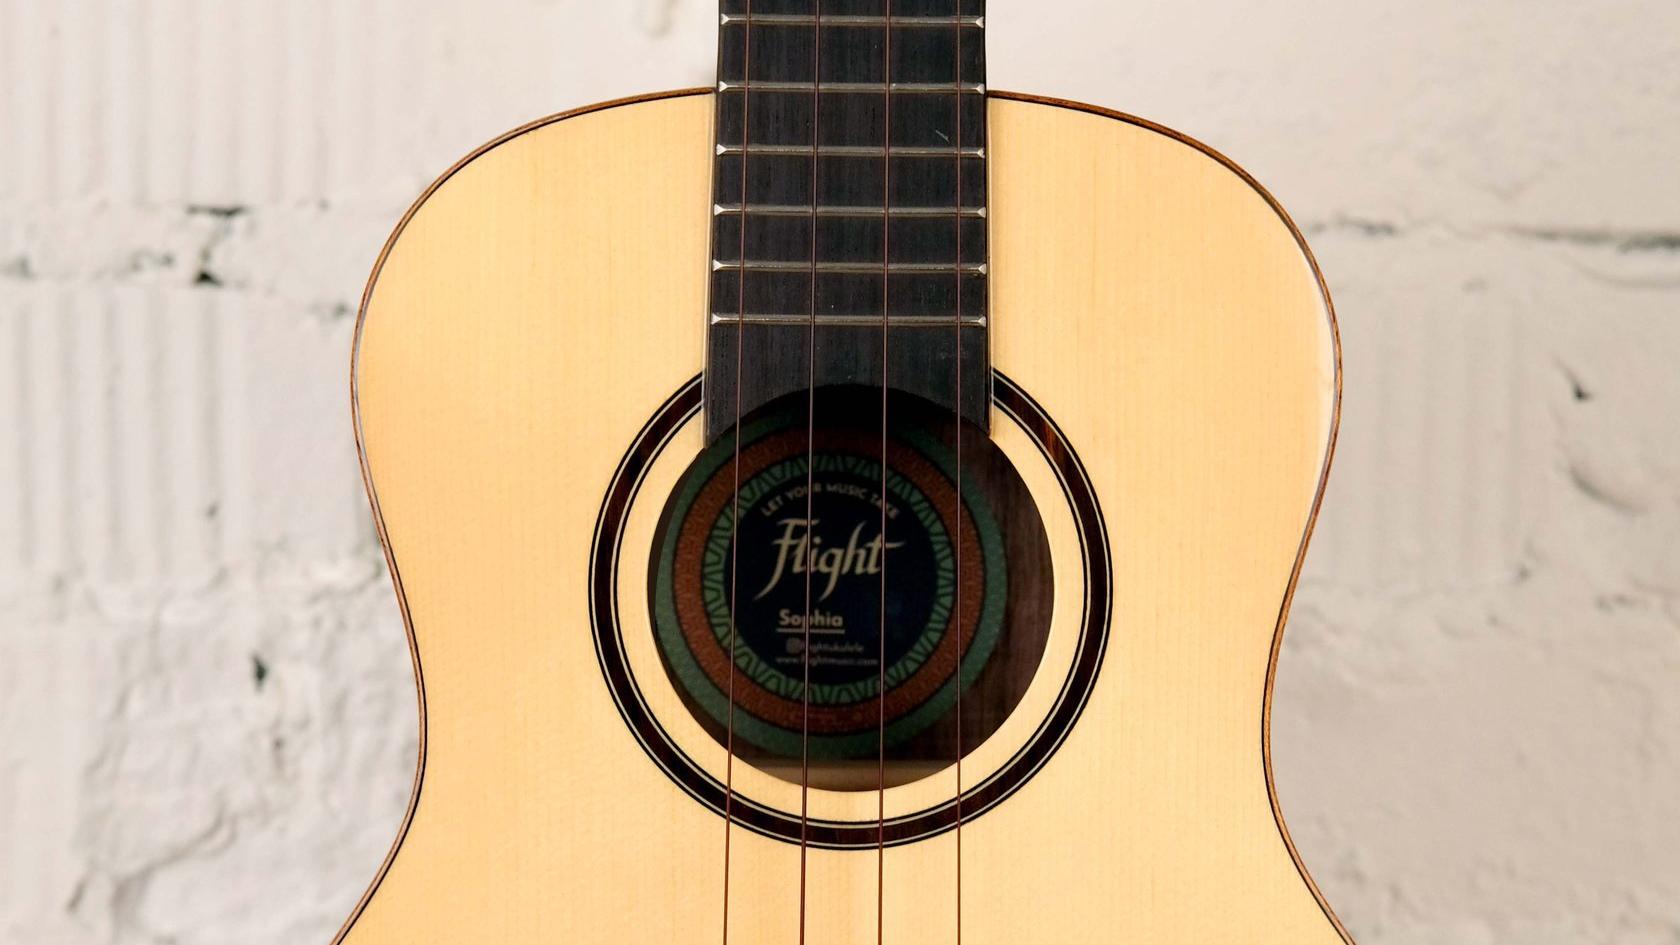 купить укулеле концерт Flight Sophia с фирменным чехлом в комплекте в магазине укулеле Ukelovers, ukulele concert, укулела